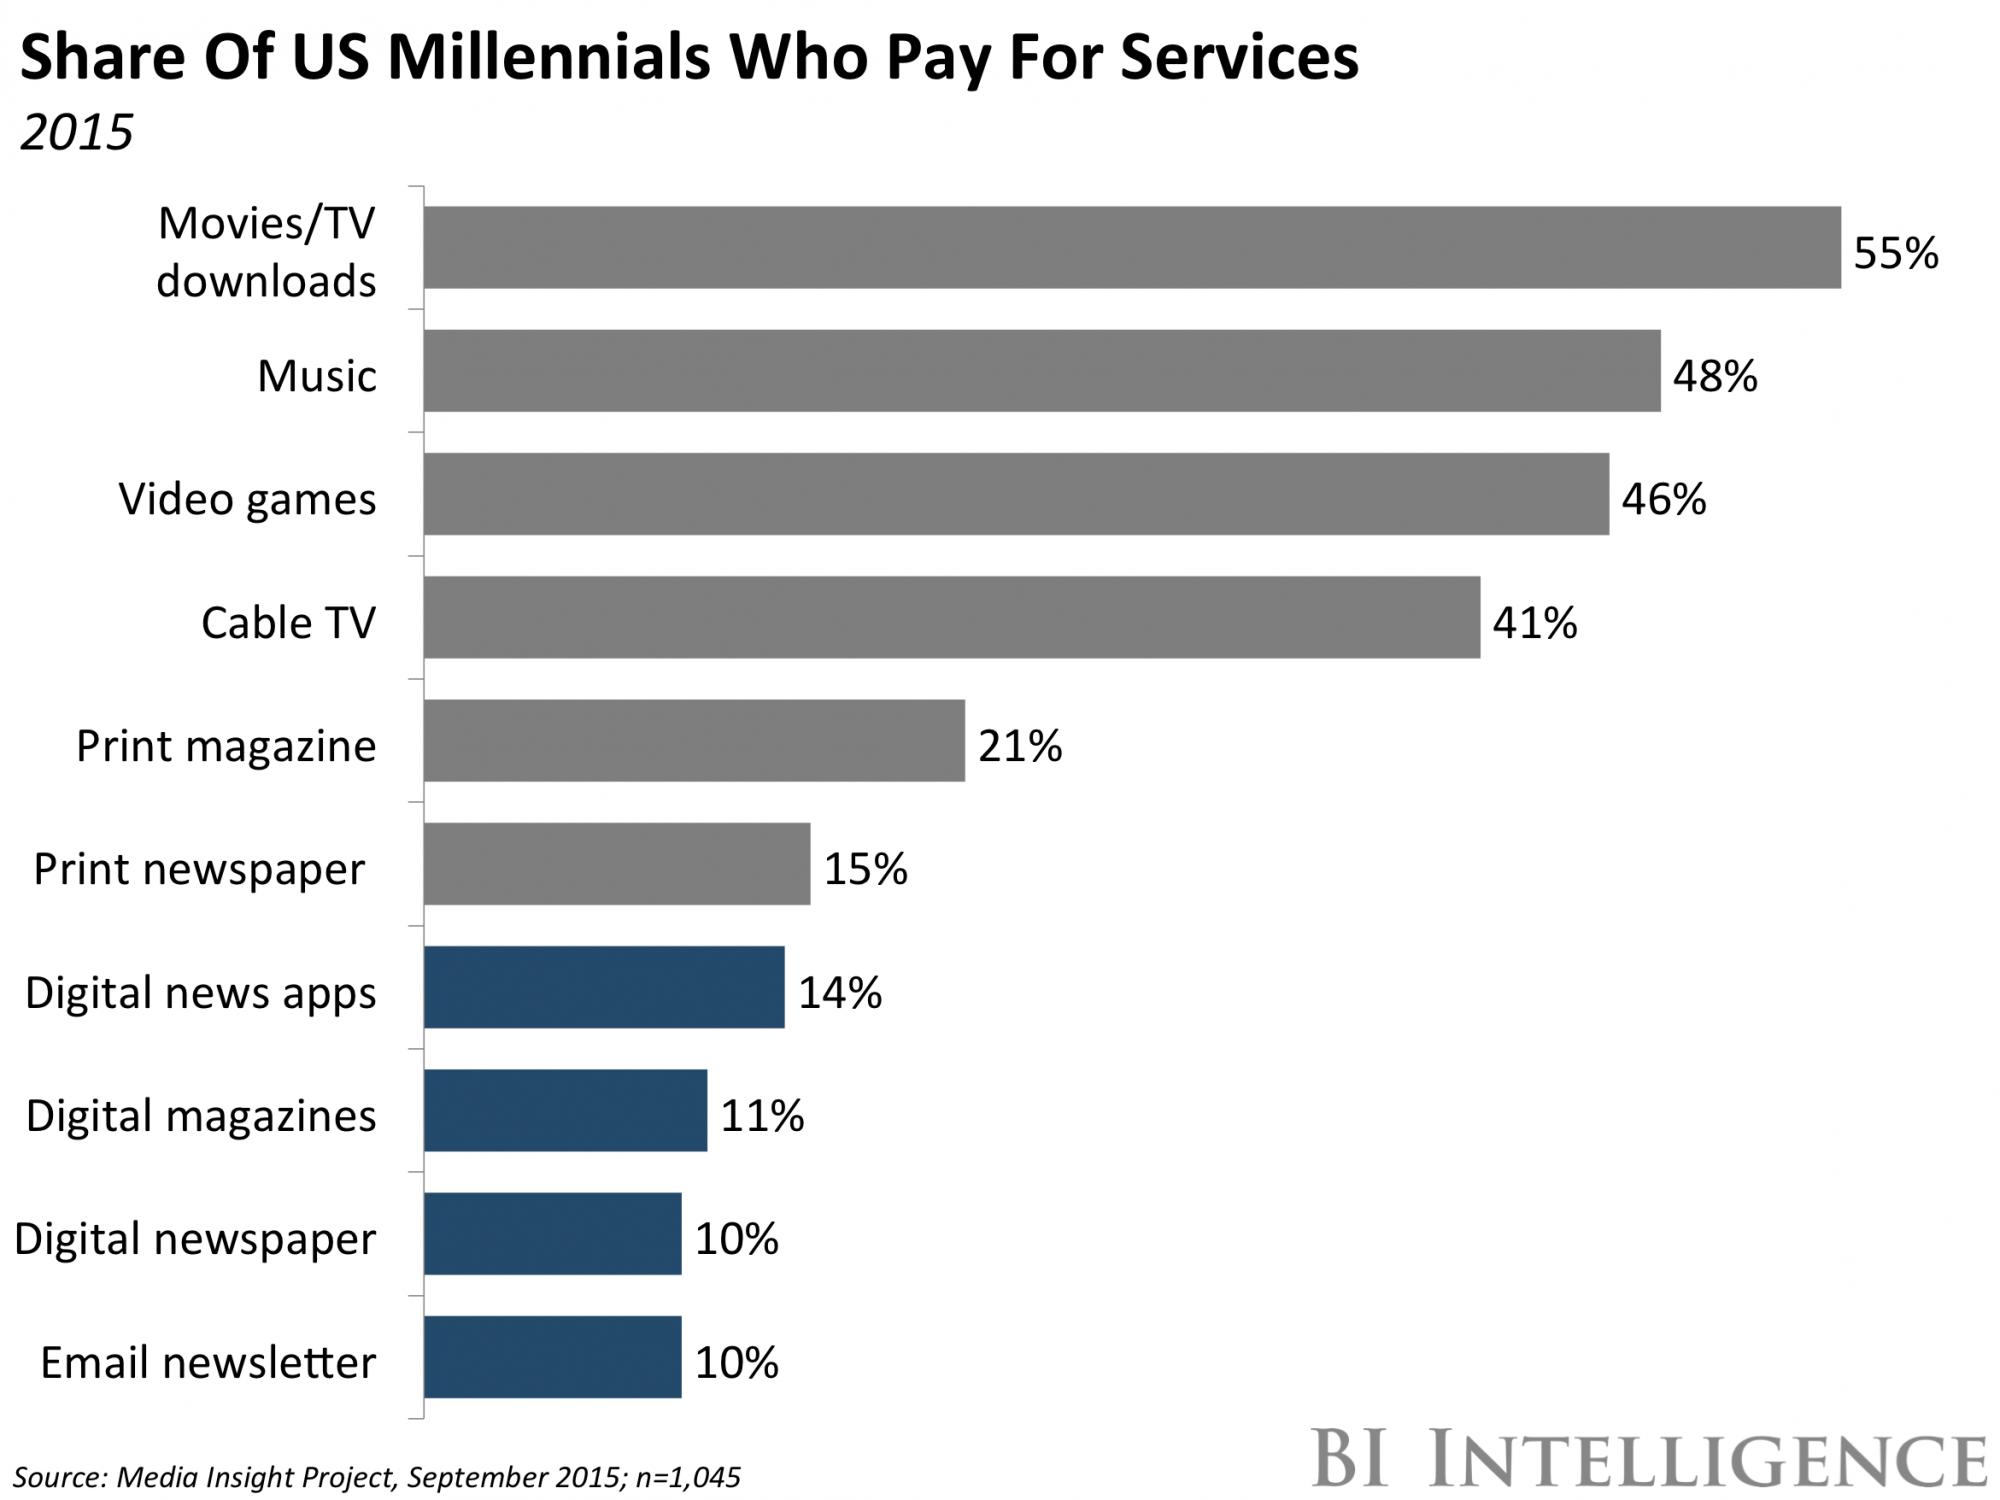 Los millennials están dispuestos a pagar… si es por contenidos de entretenimiento